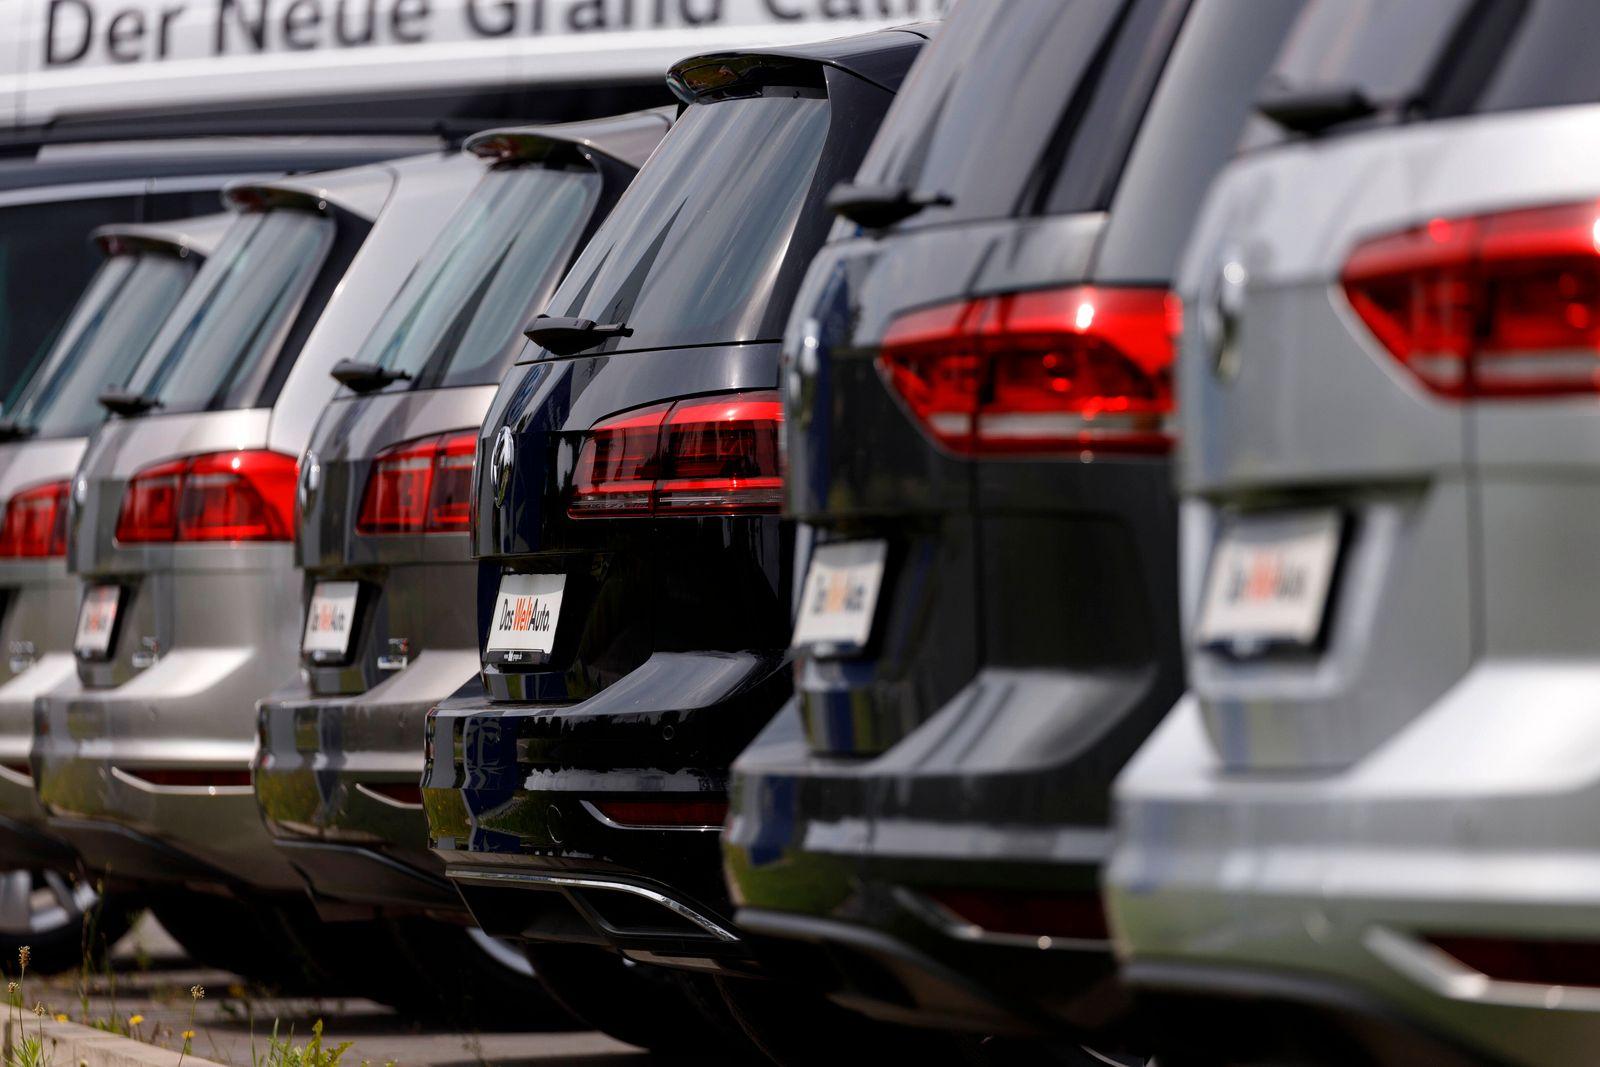 An einem Autohaus stehen Neuwagen des Volkswagen-Konzerns - aufgenommen aus dem öffentlichen Raum. Rheda-Wiedenbrück, 0